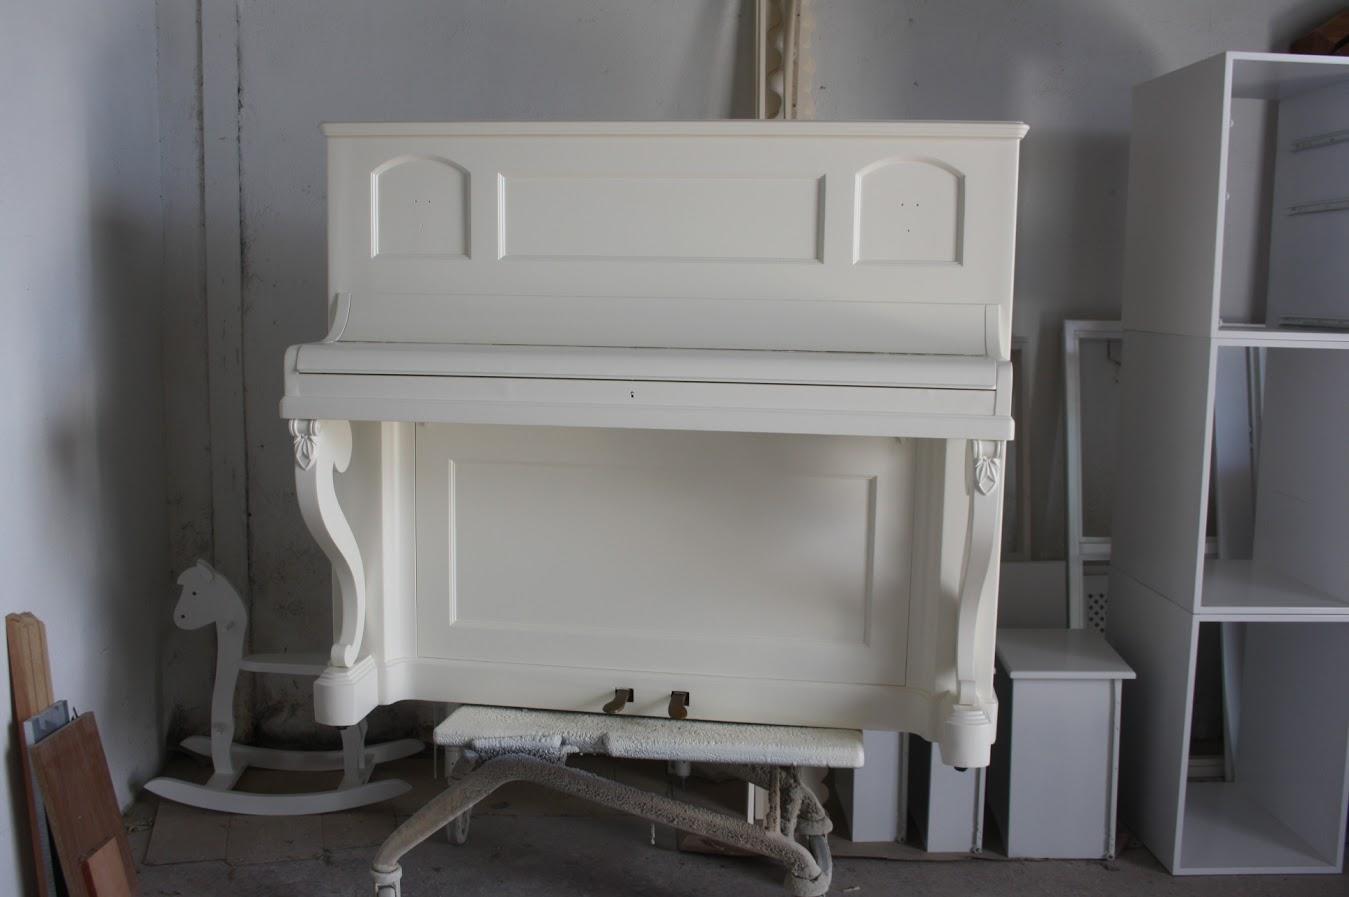 Muebles Y Antig Edades Menia Restauraci N Patrimonio # Muebles Lijados